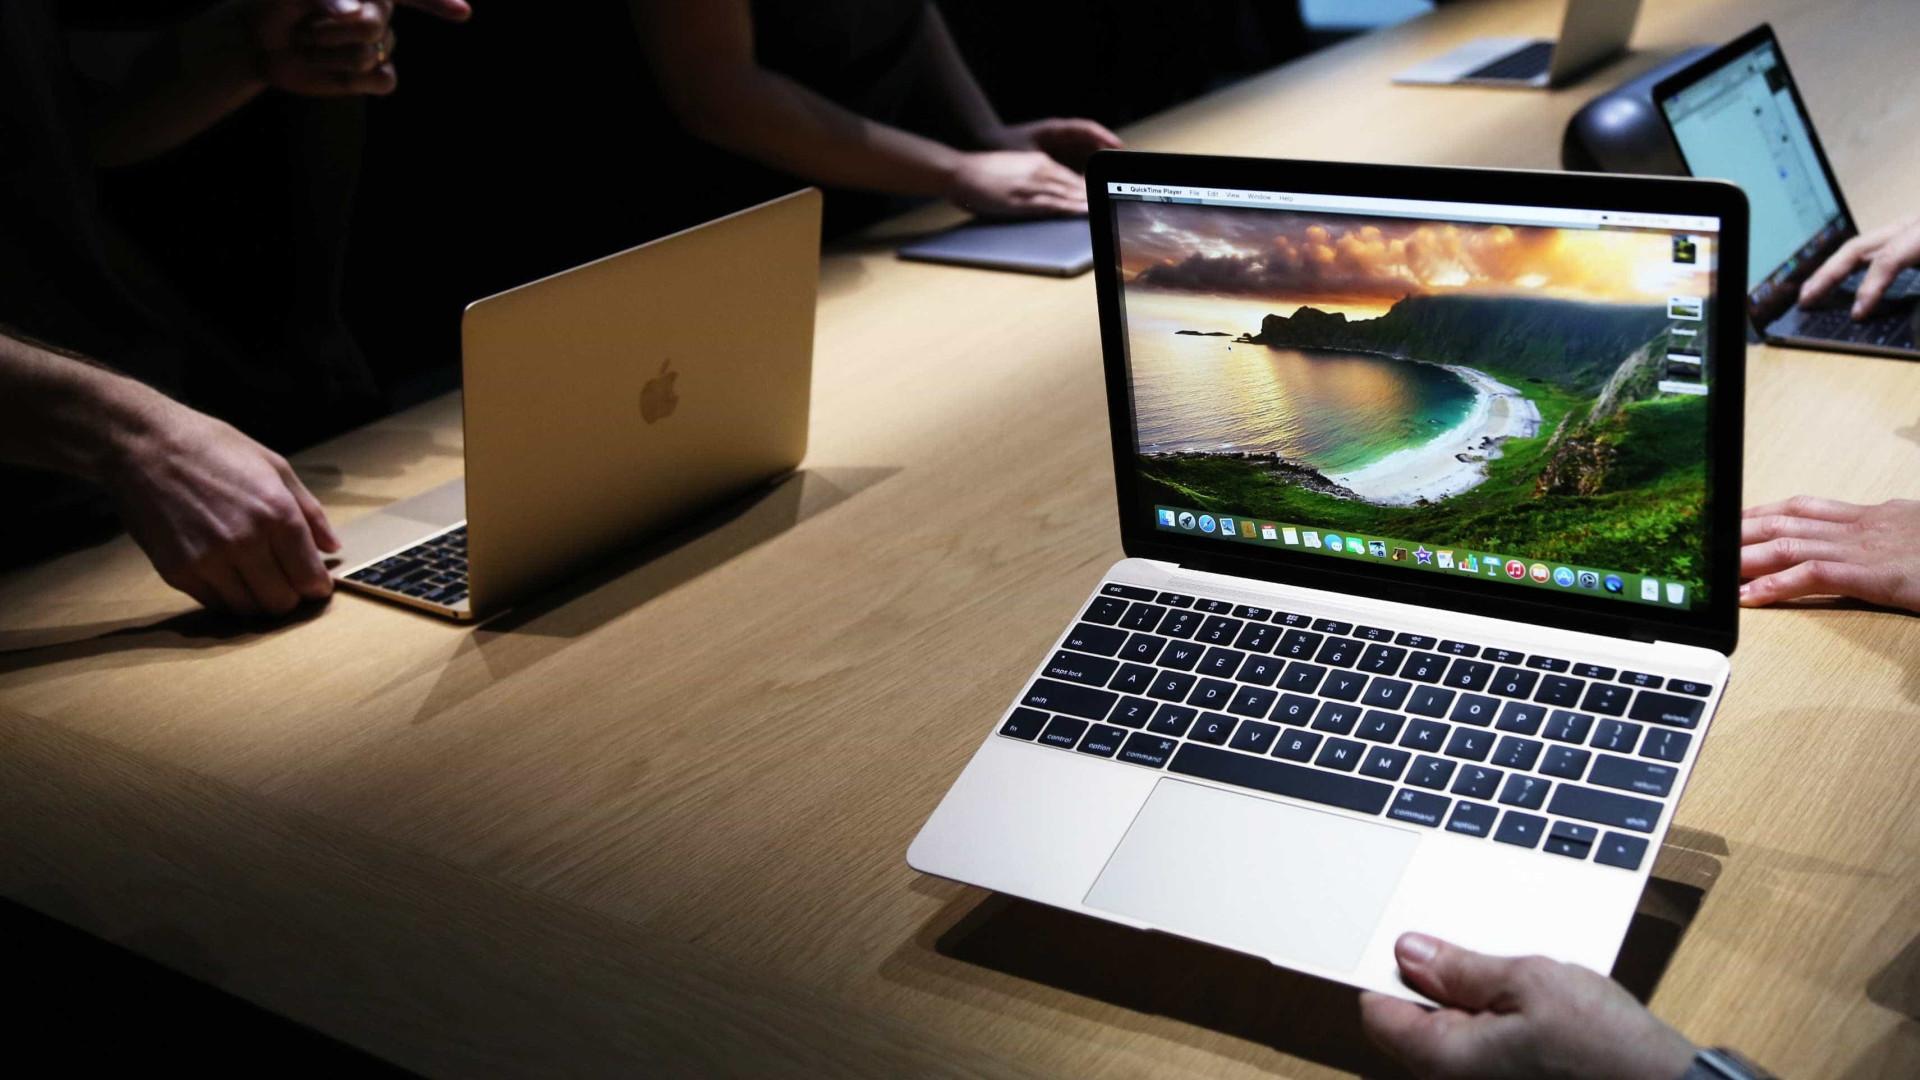 Novos MacBooks não terão entradas USB tradicionais